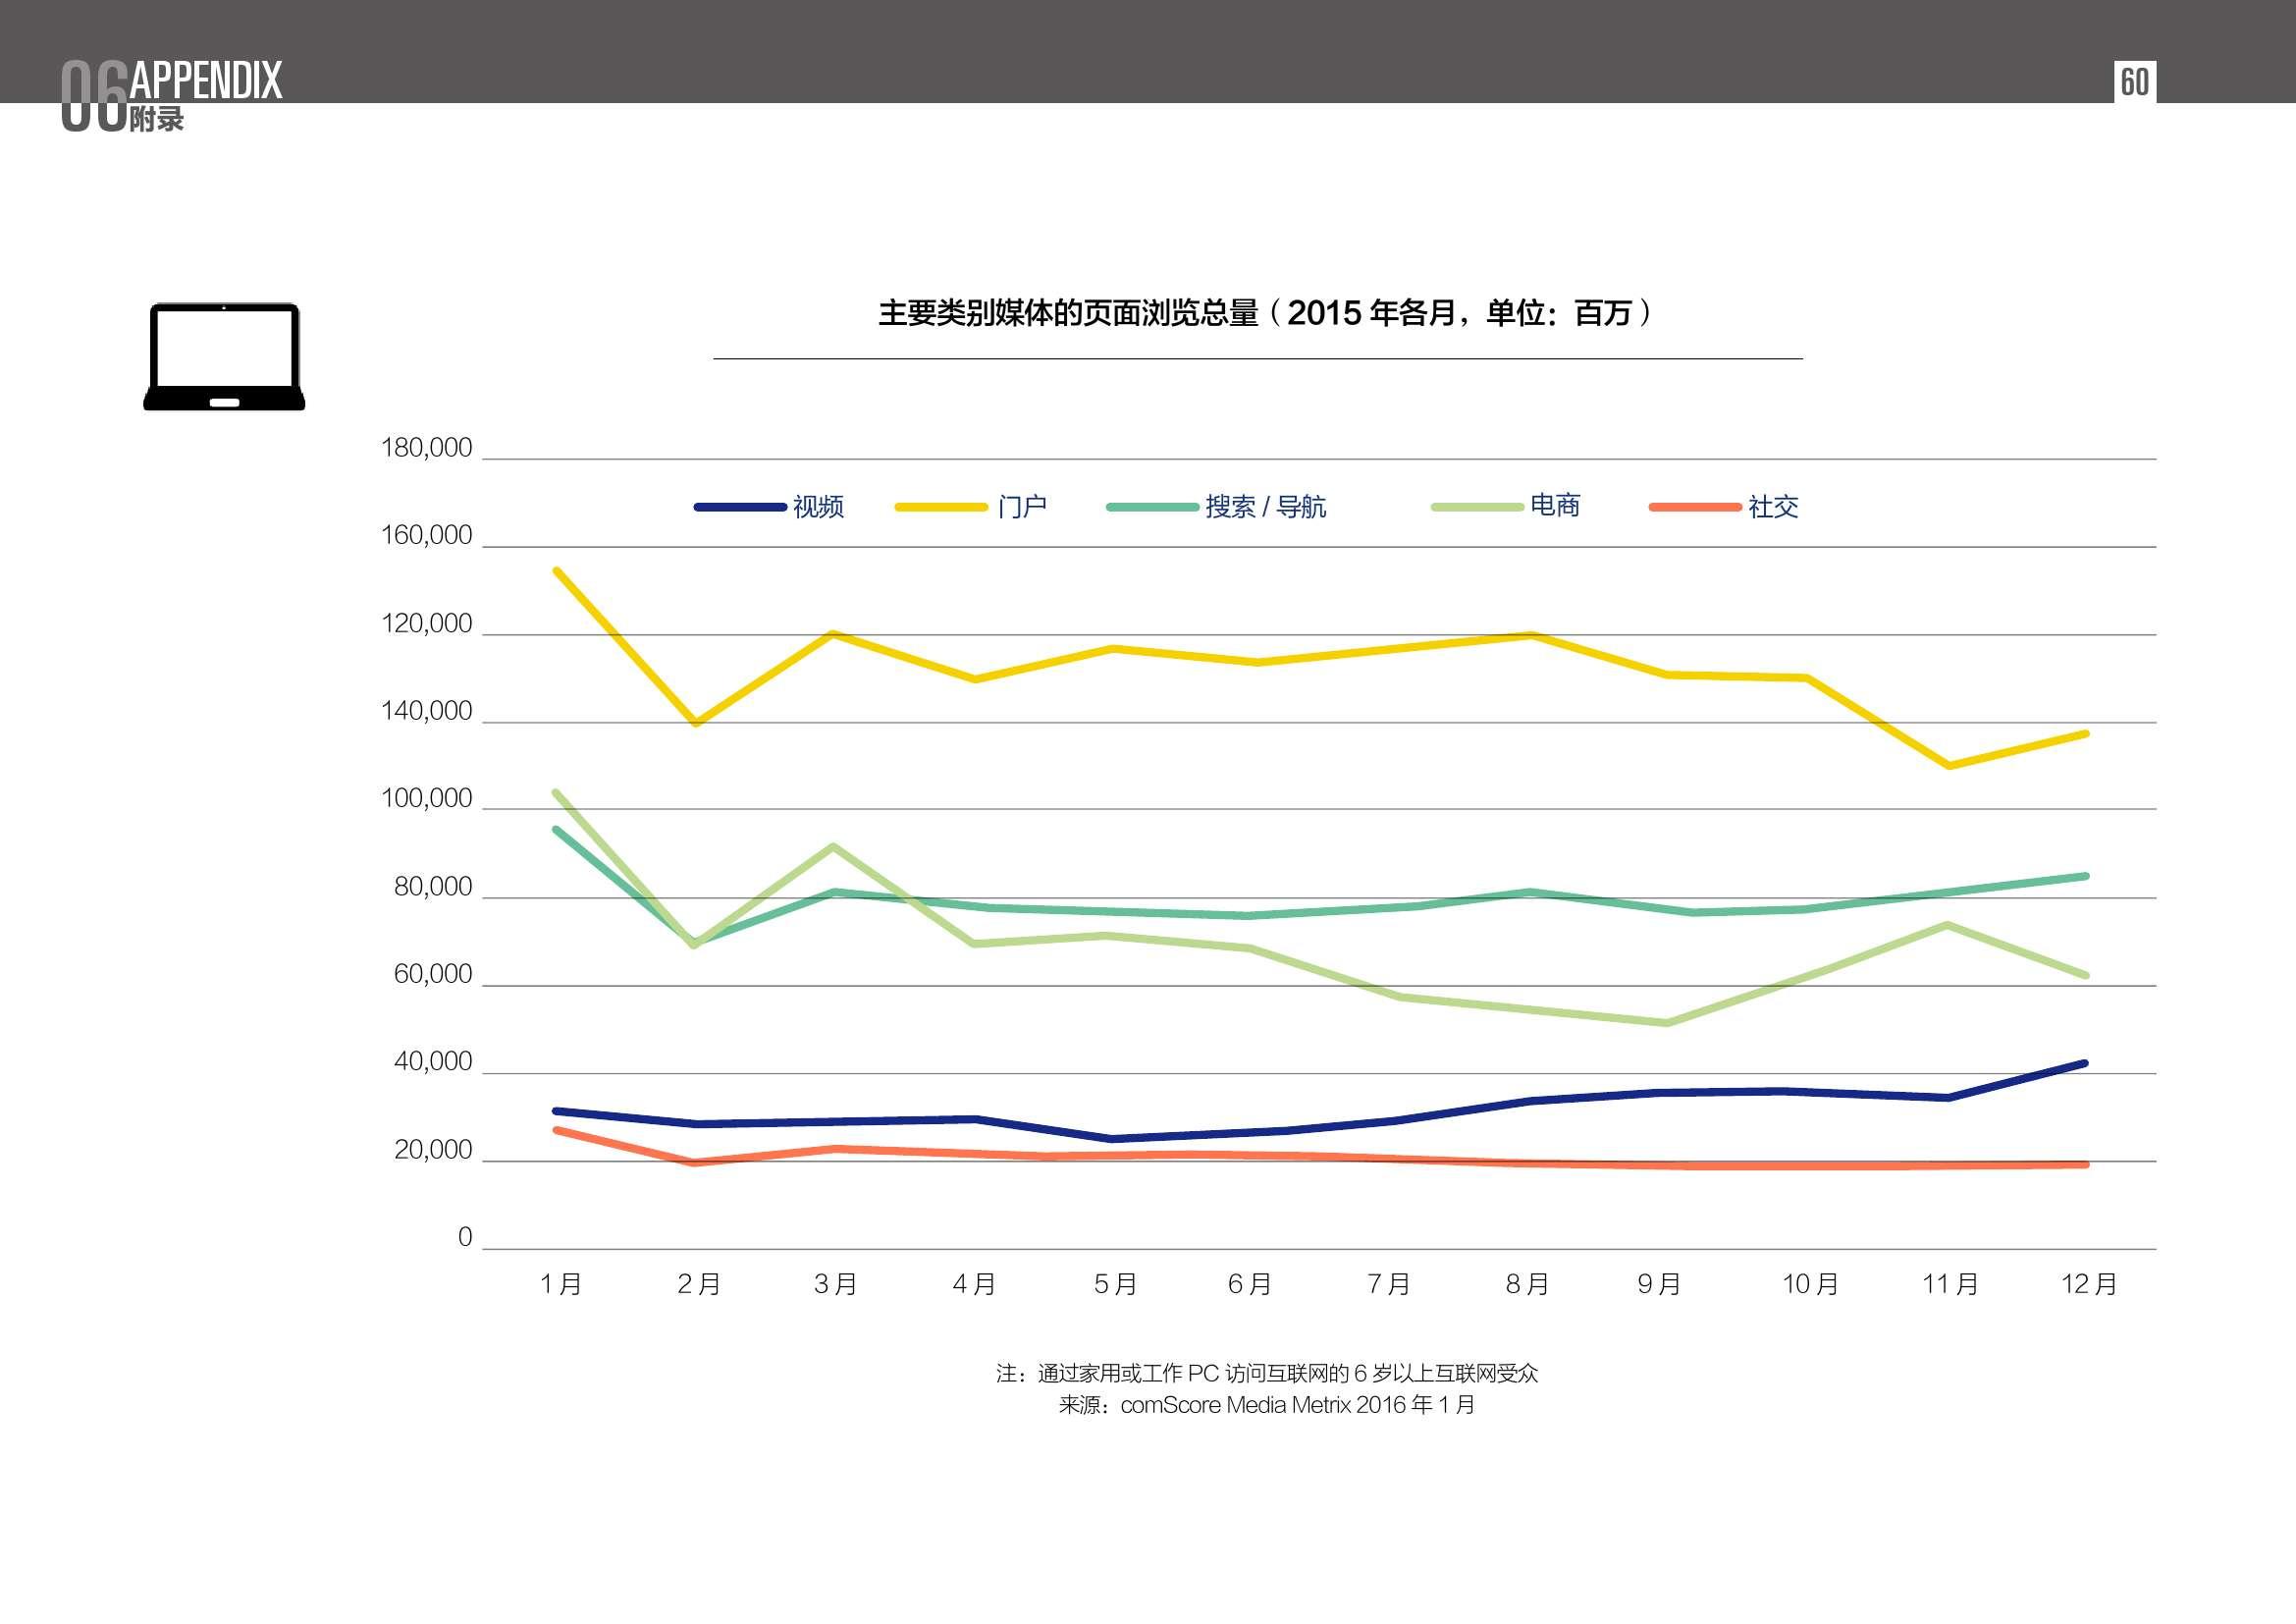 2016中国数字营销行动报告_000060